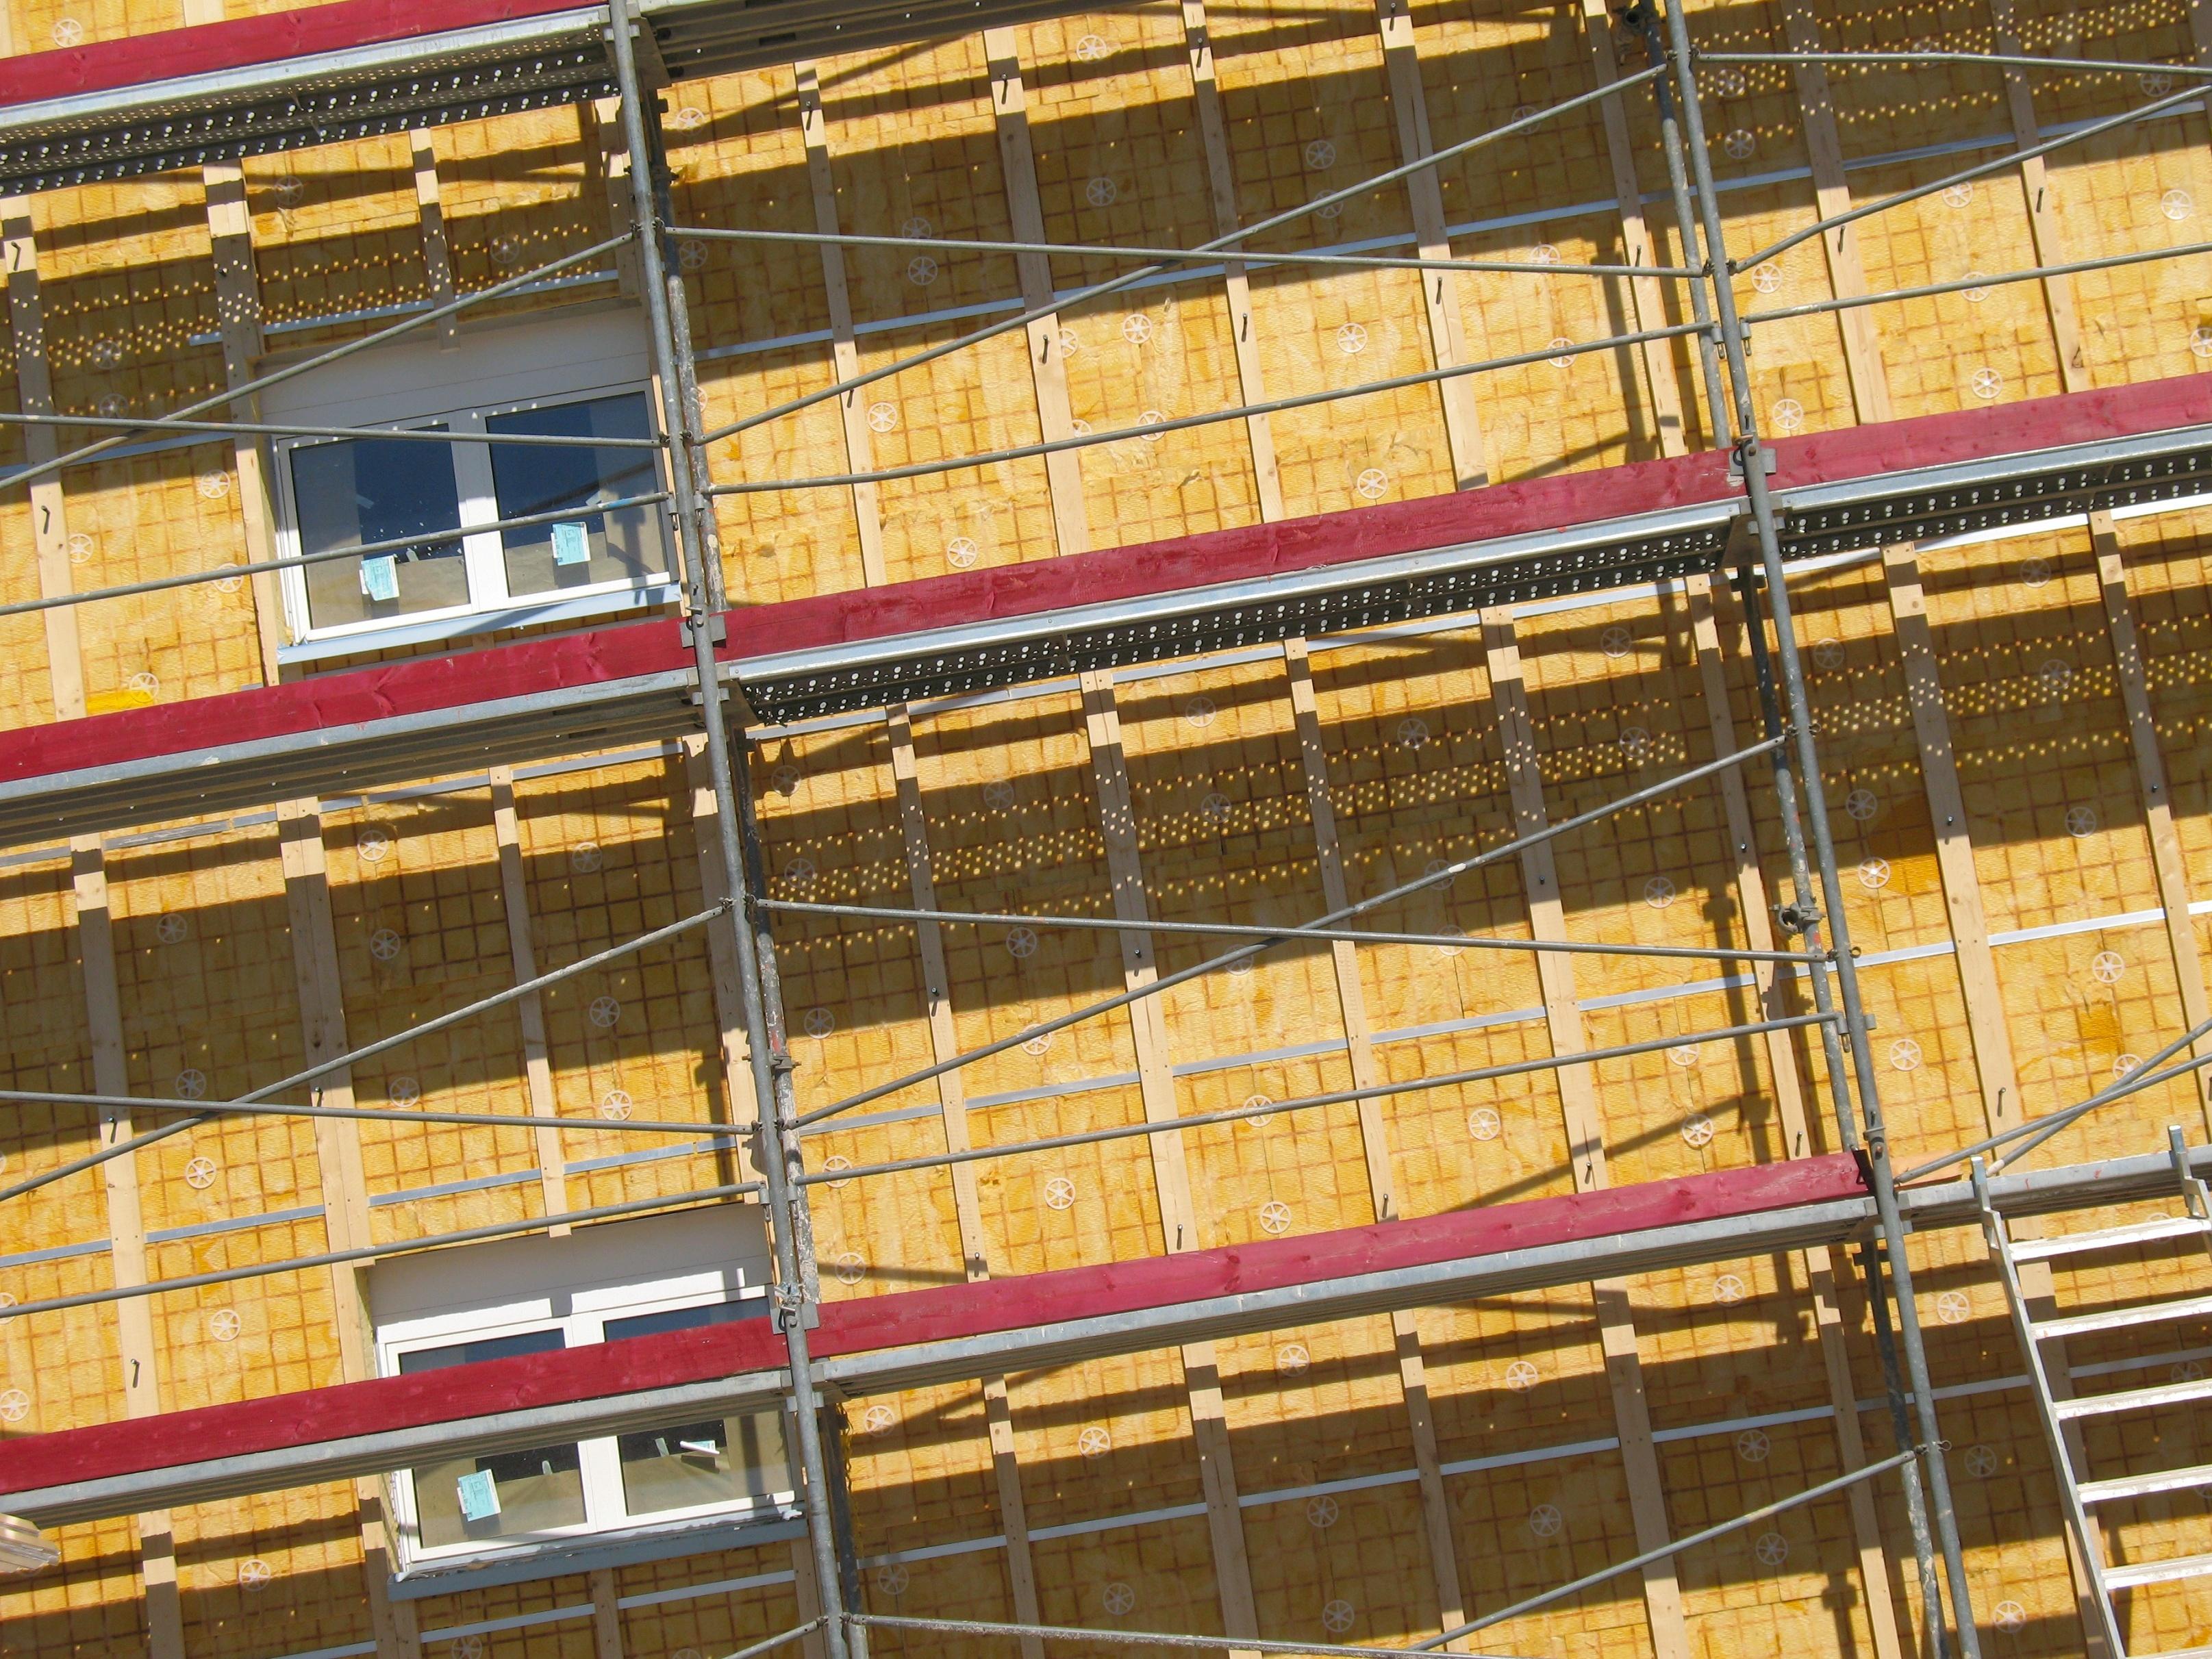 Hausfassade mit Baugerüst